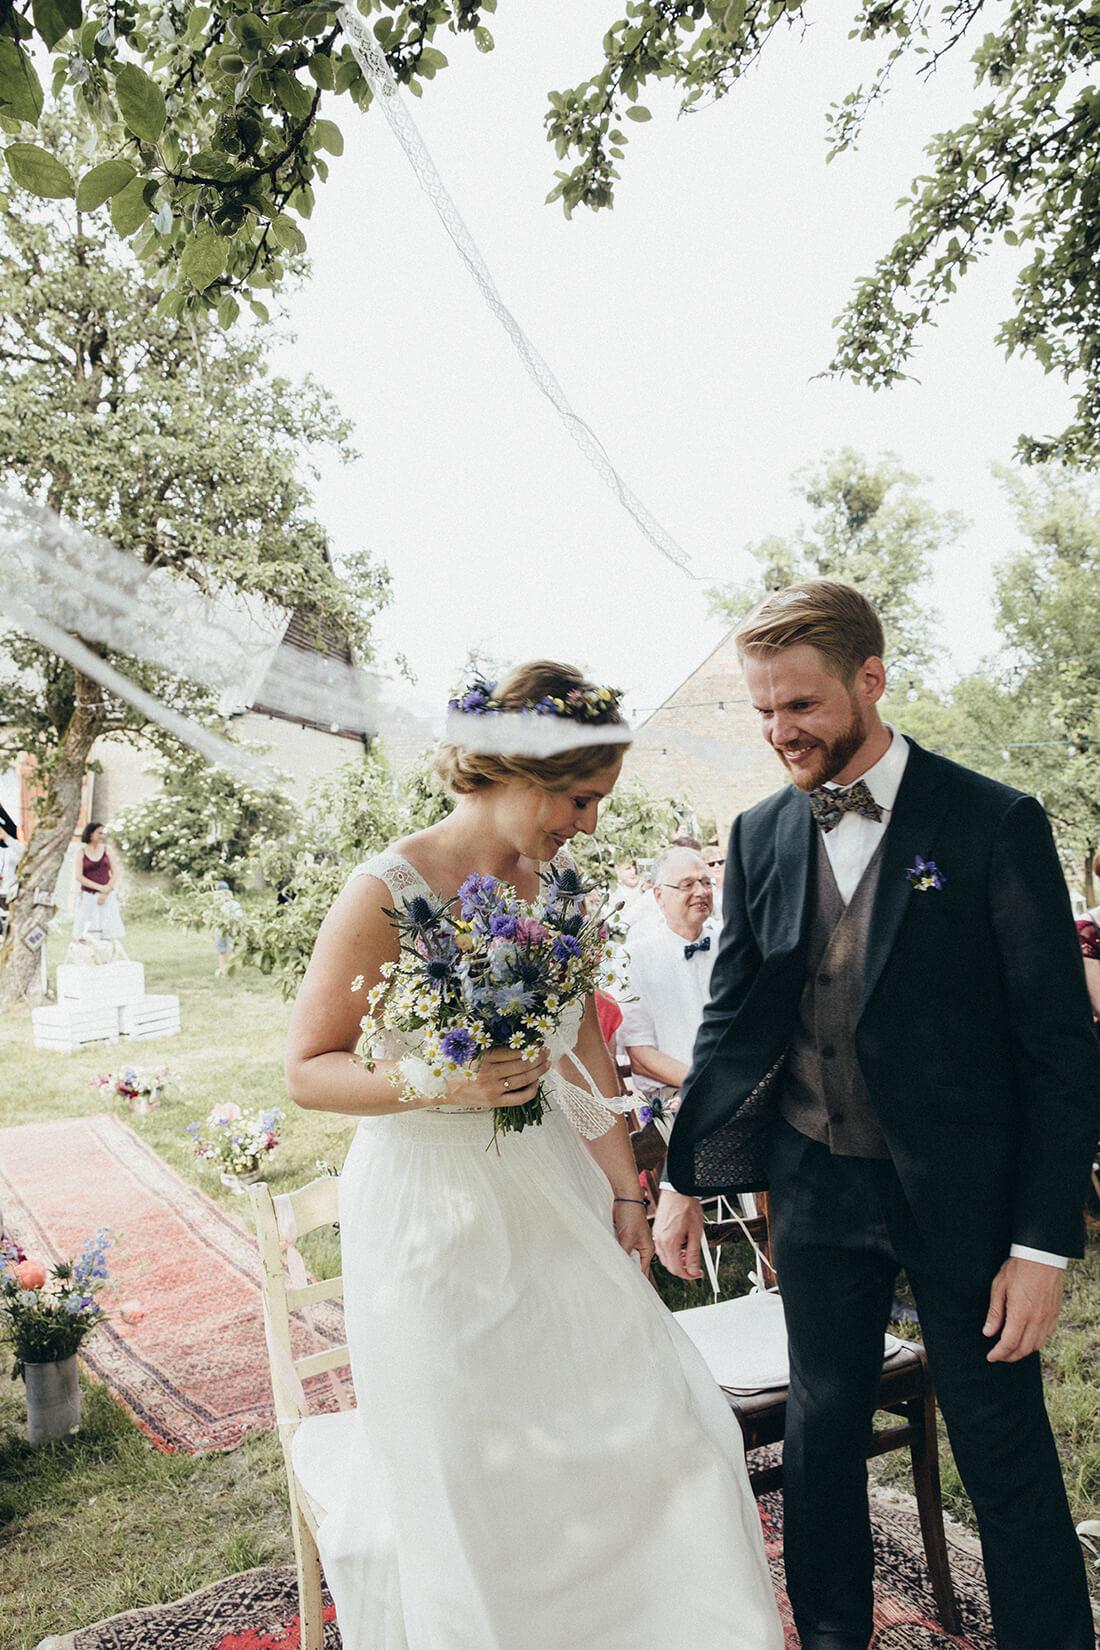 Hochzeitsreportage im Schmetterlingsgarten © Hochzeitsfotograf Miriam Ellerbrake 2018